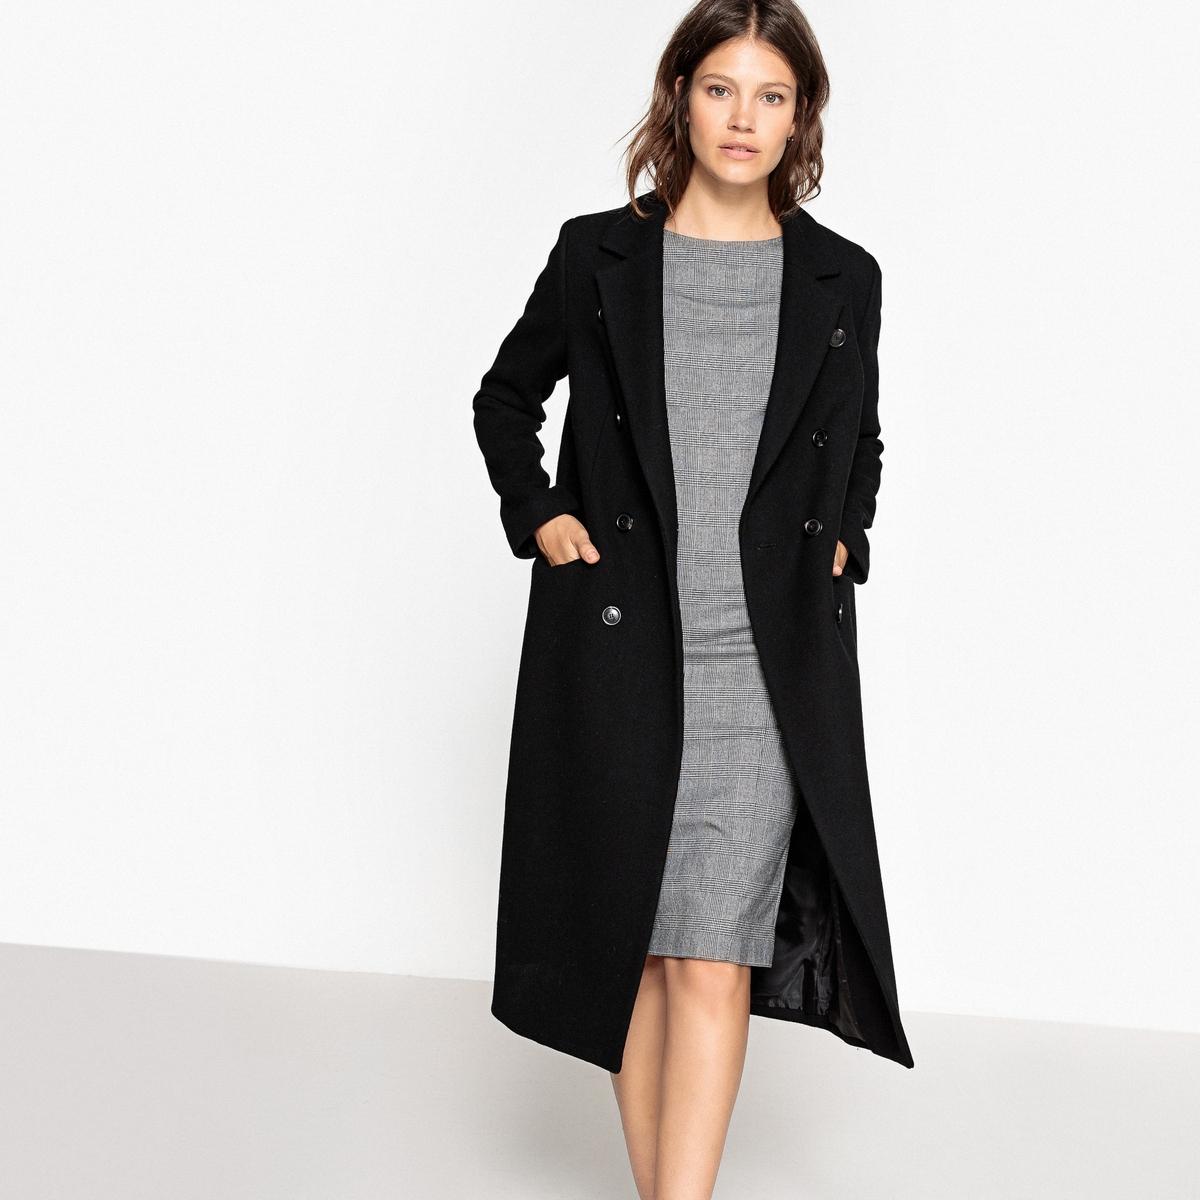 Пальто из меланжевой шерсти с двойной застёжкой на пуговицу пальто из шерстяного драпа 70